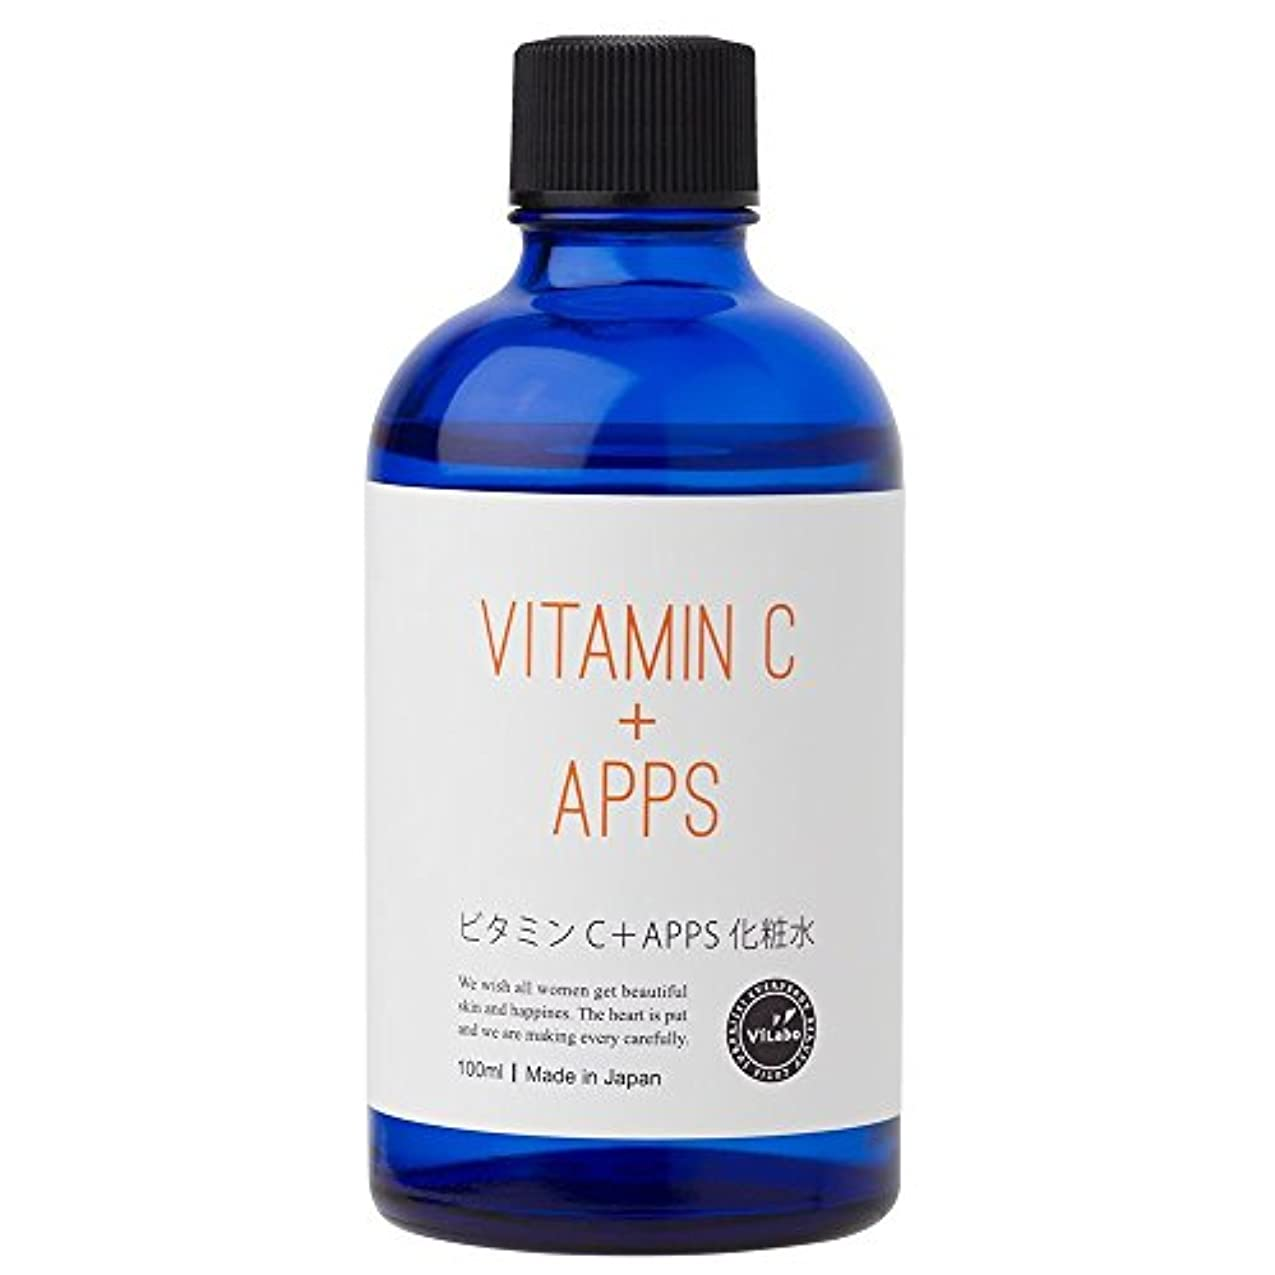 不測の事態騒有害ViLabo APPS+天然ビタミンC化粧水 (販売名:ハッピーローションV)100ml 通常ボトル